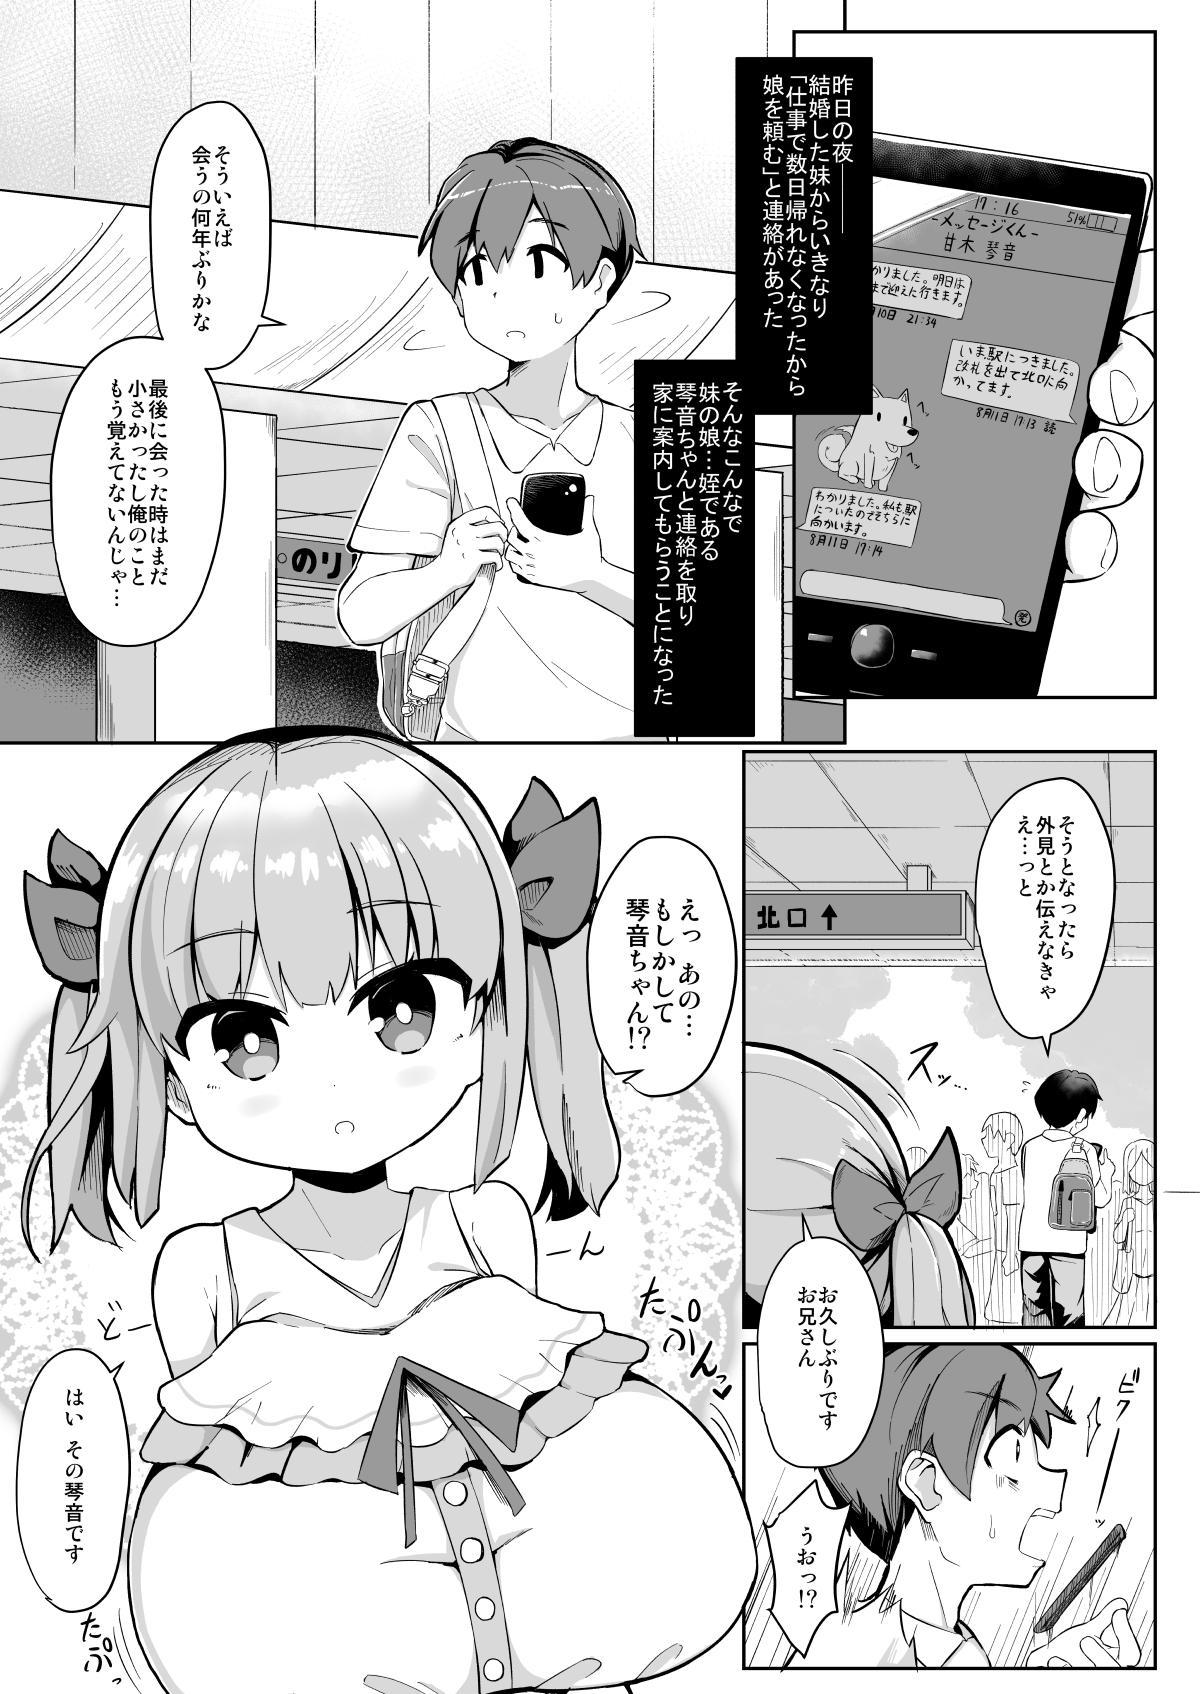 Hisashiburi ni Atta Imouto no Musume ga Kyonyuu de Osumashiya-san ni Nattemashita. 2